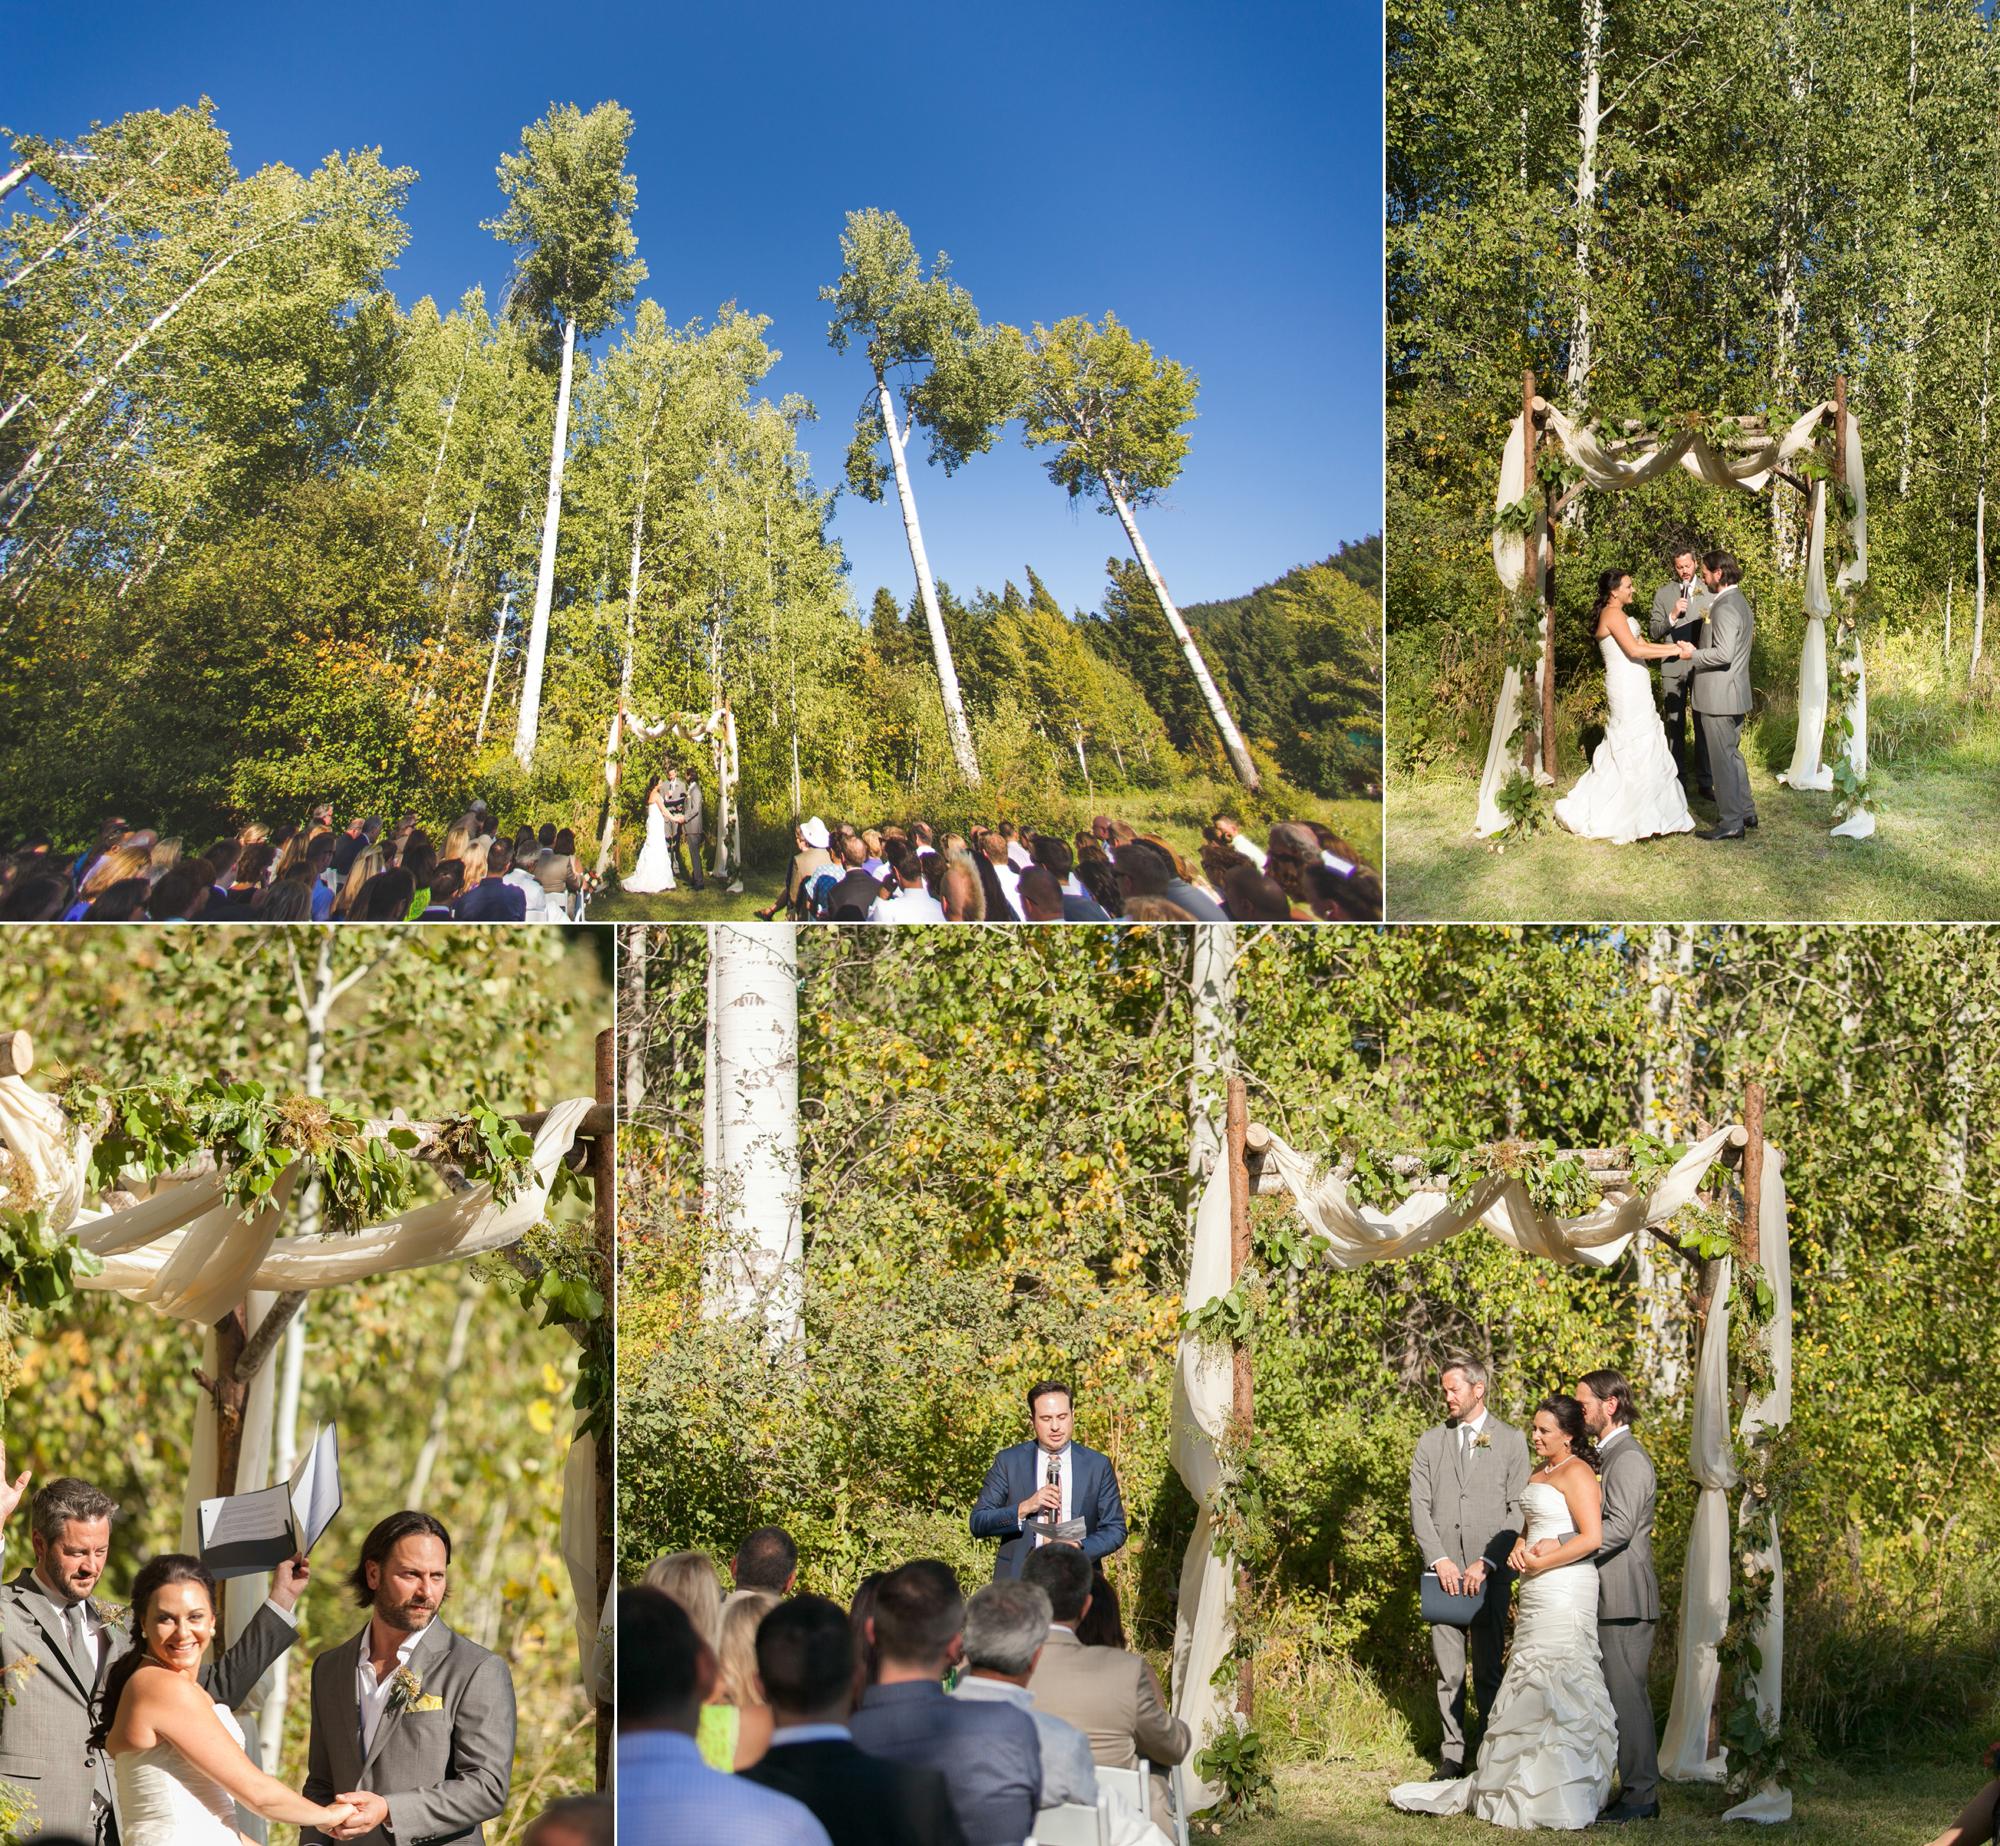 ashley vos photography seattle tacoma area wedding photographer_0821.jpg